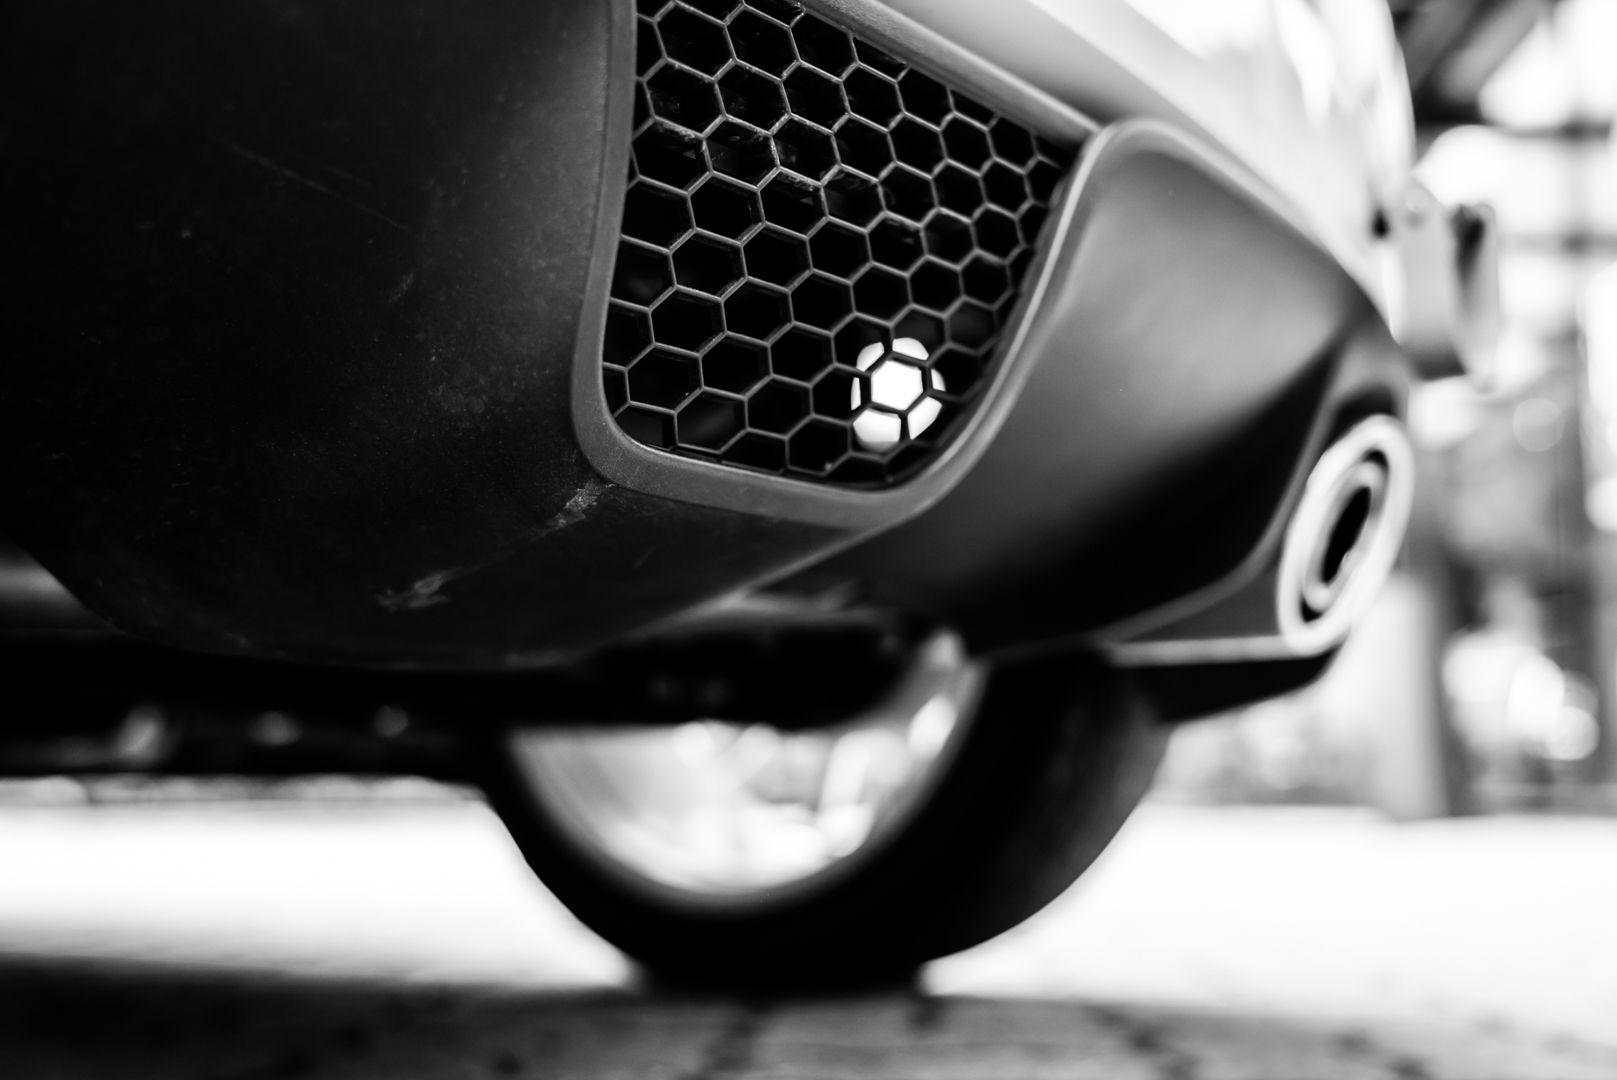 2008 Fiat 500 Abarth Assetto Corse 45/49 77364